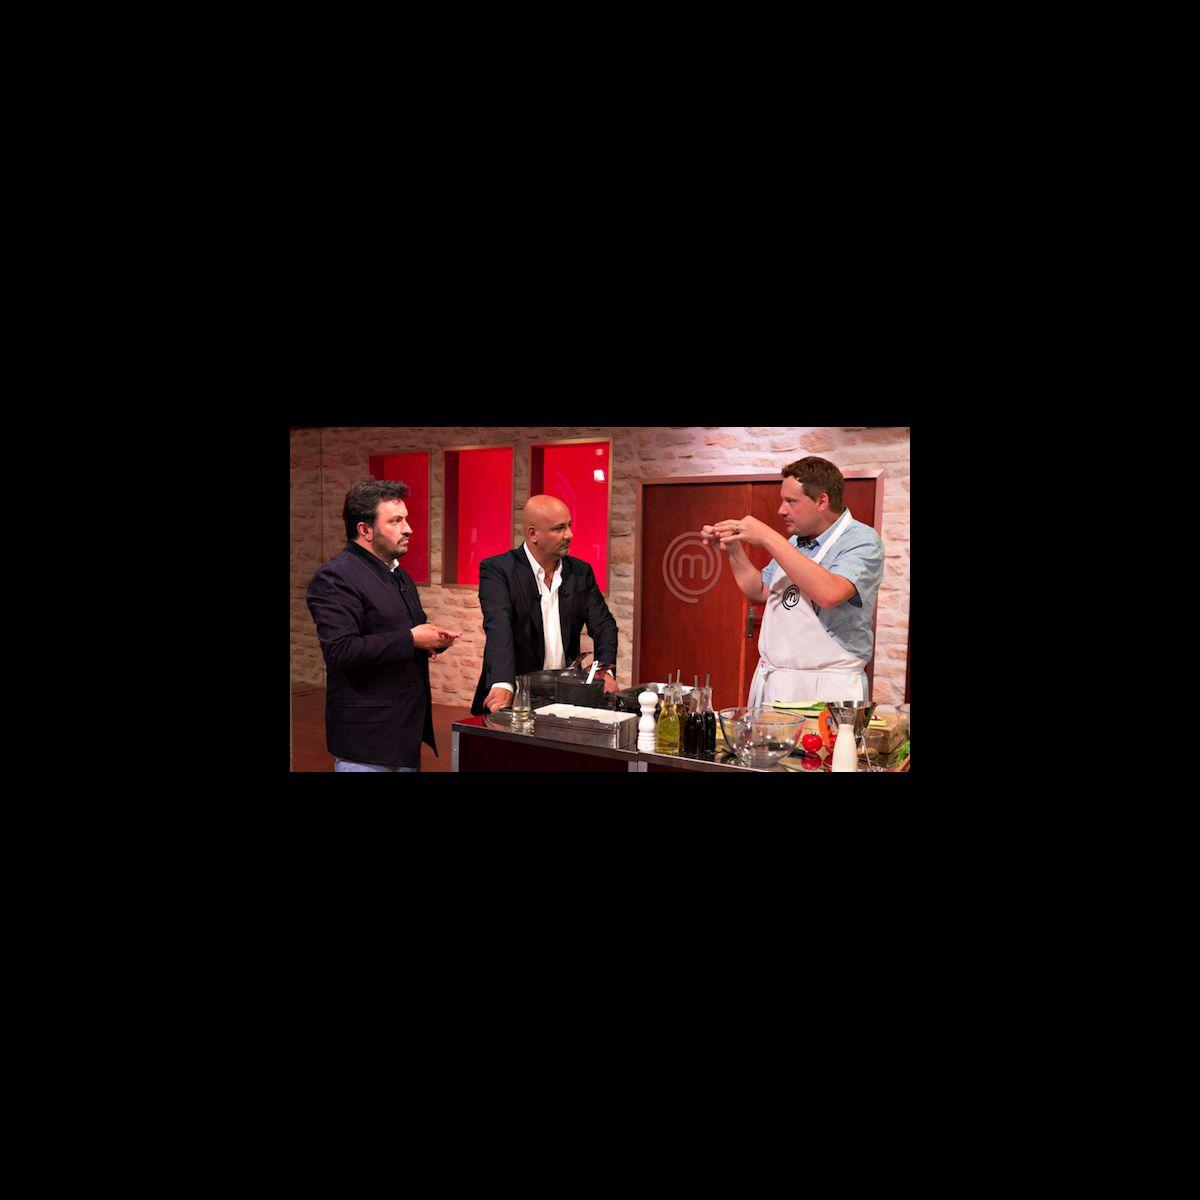 Yves camdeborde quitte le jury de masterchef puremedias for Cuisinier yves camdeborde